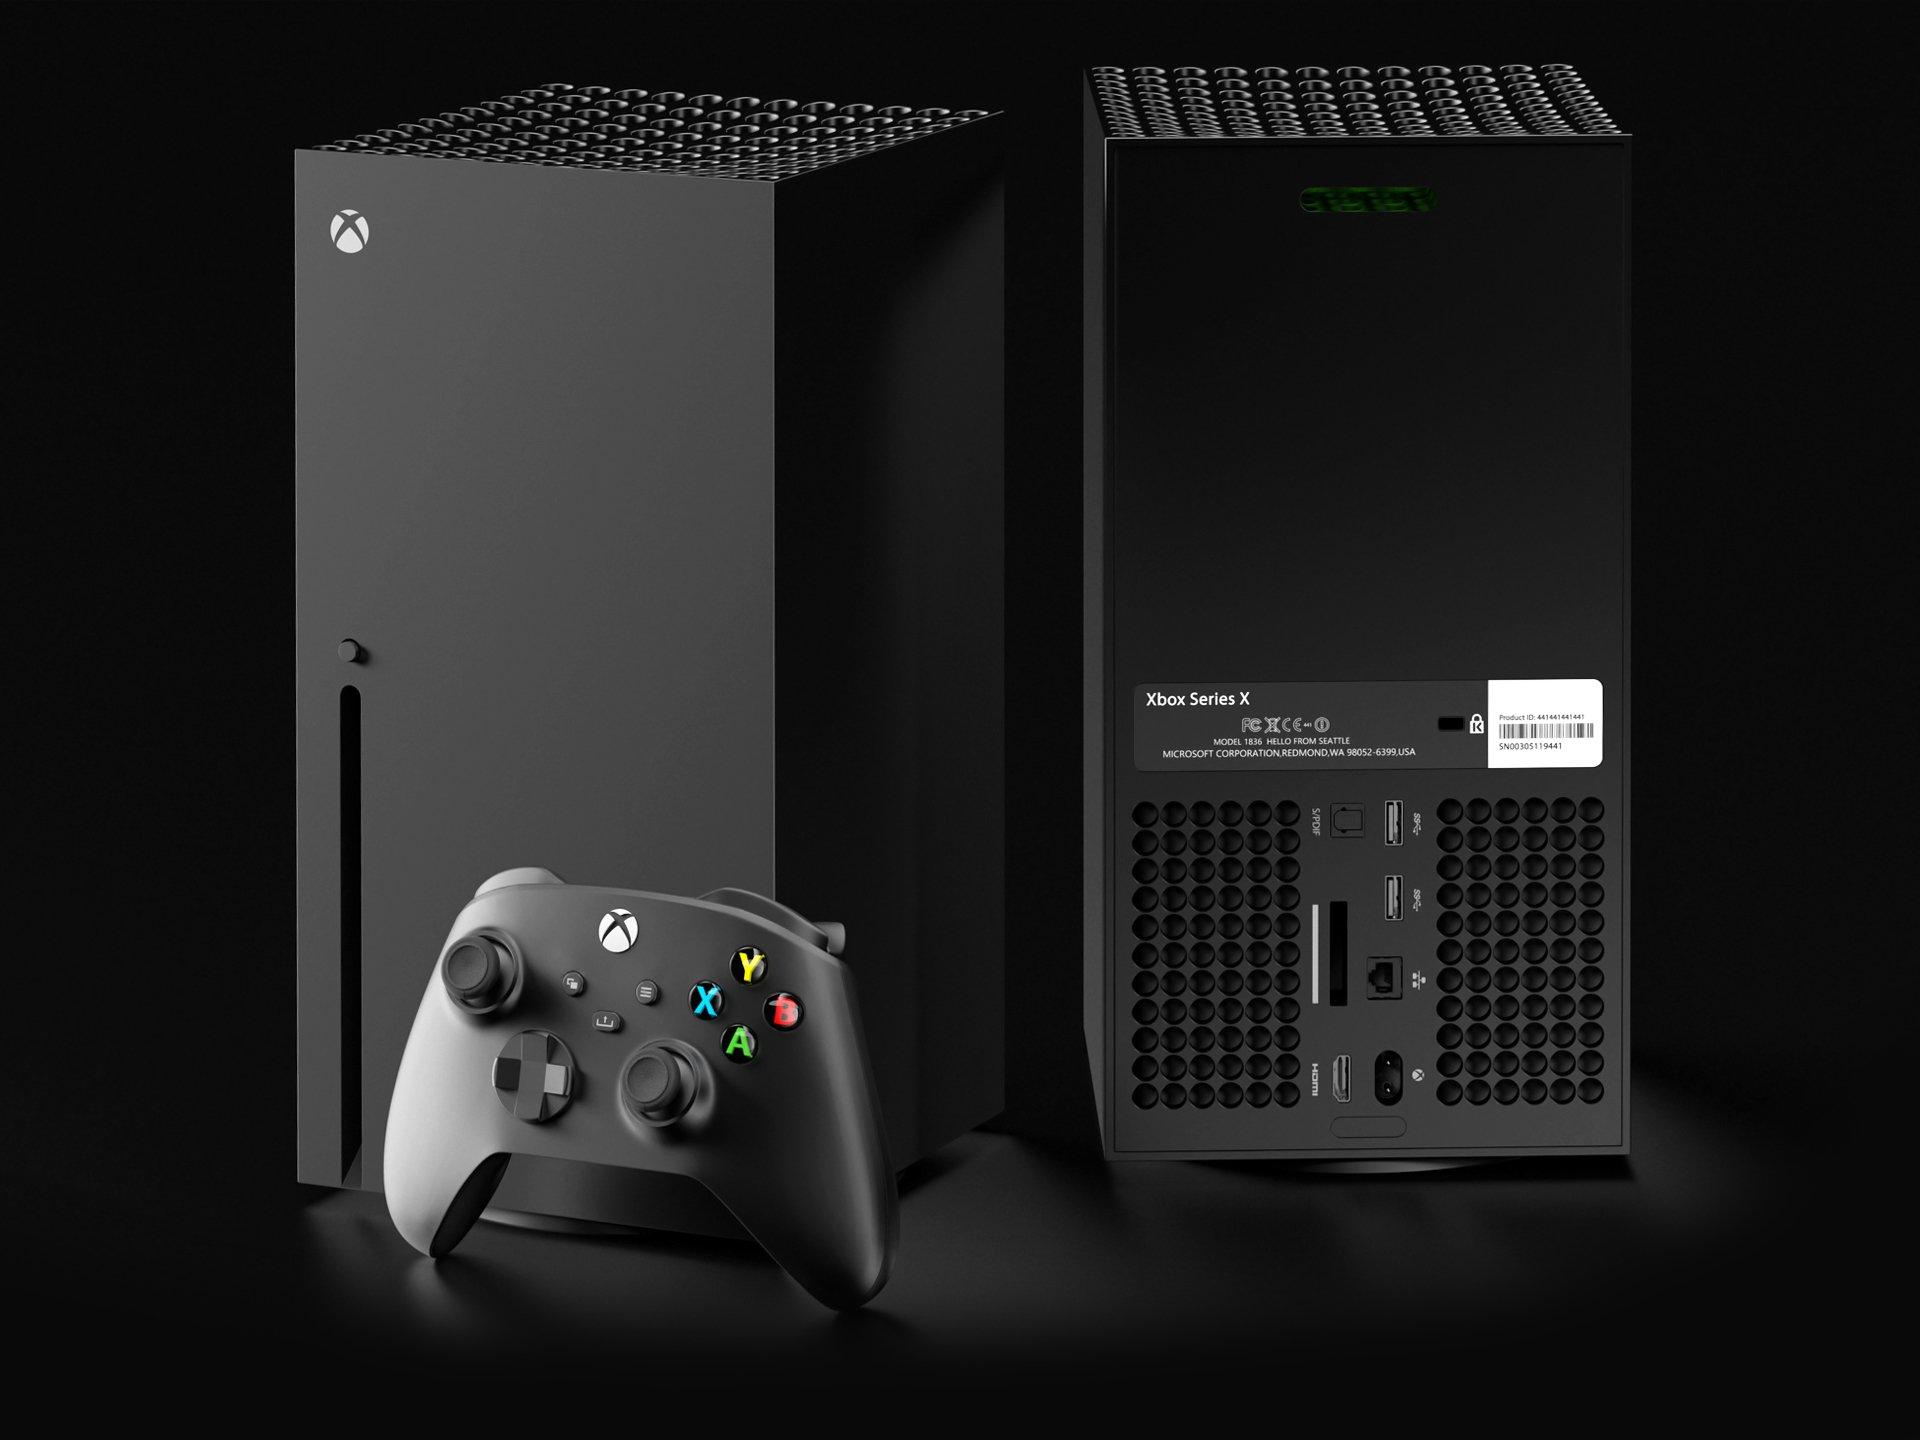 Microsoft Xbox Series X, Daha İyi Görüntü Kalitesi İçin VRS Teknolojisini Destekleyecek